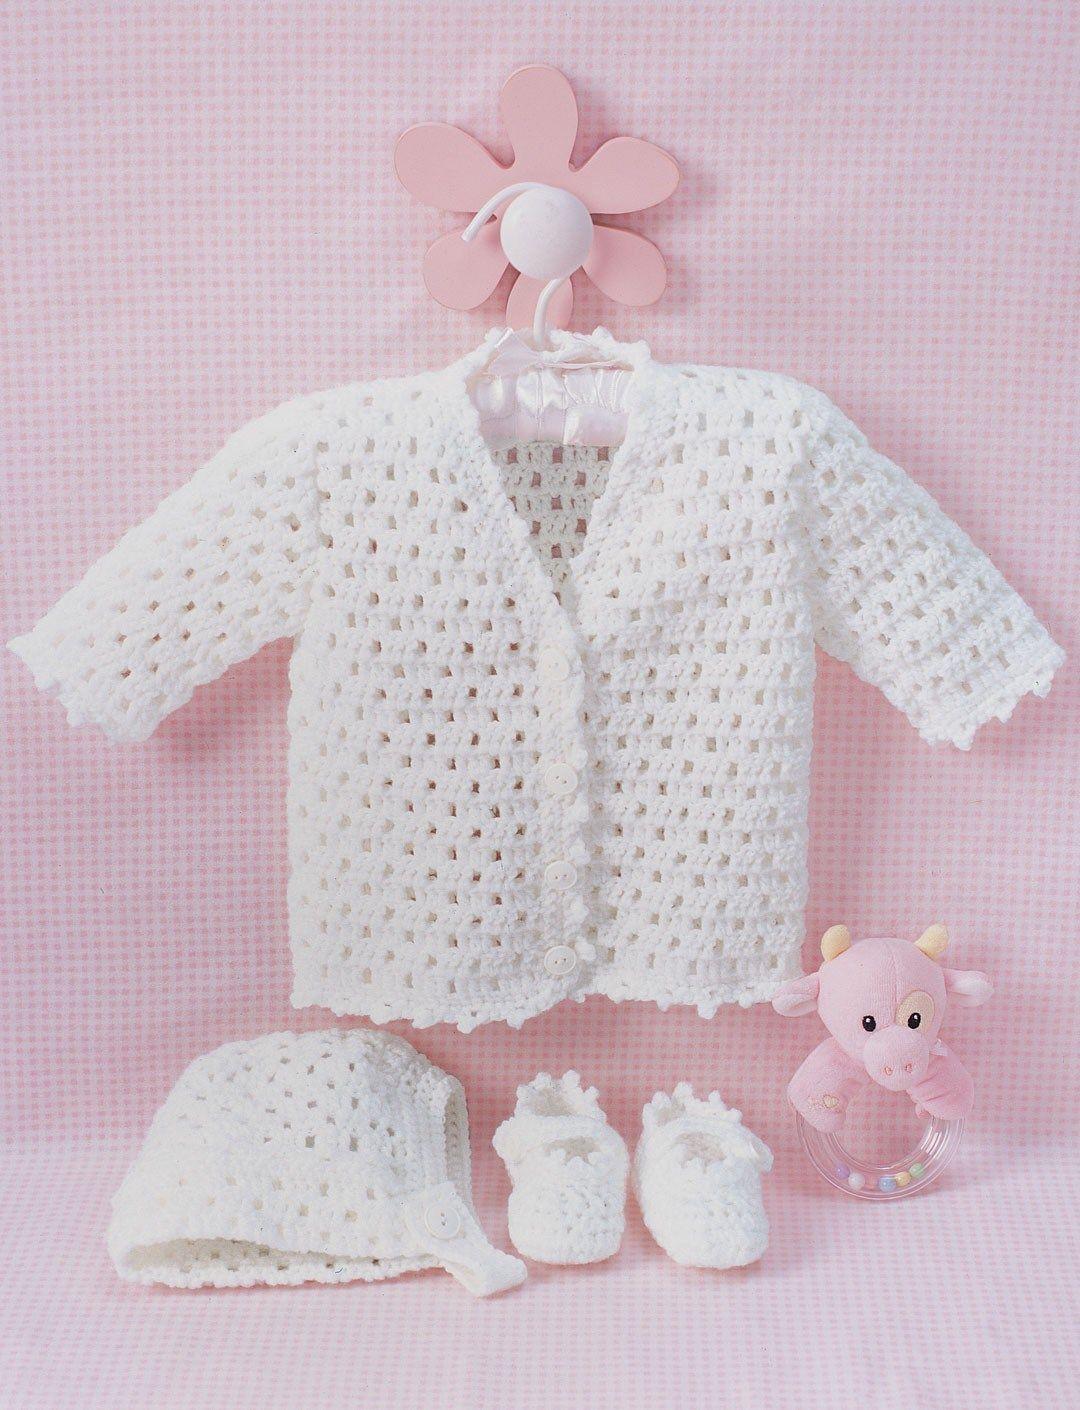 FREE Baby Set Crochet Patterns | Free pattern, Crochet and Patterns